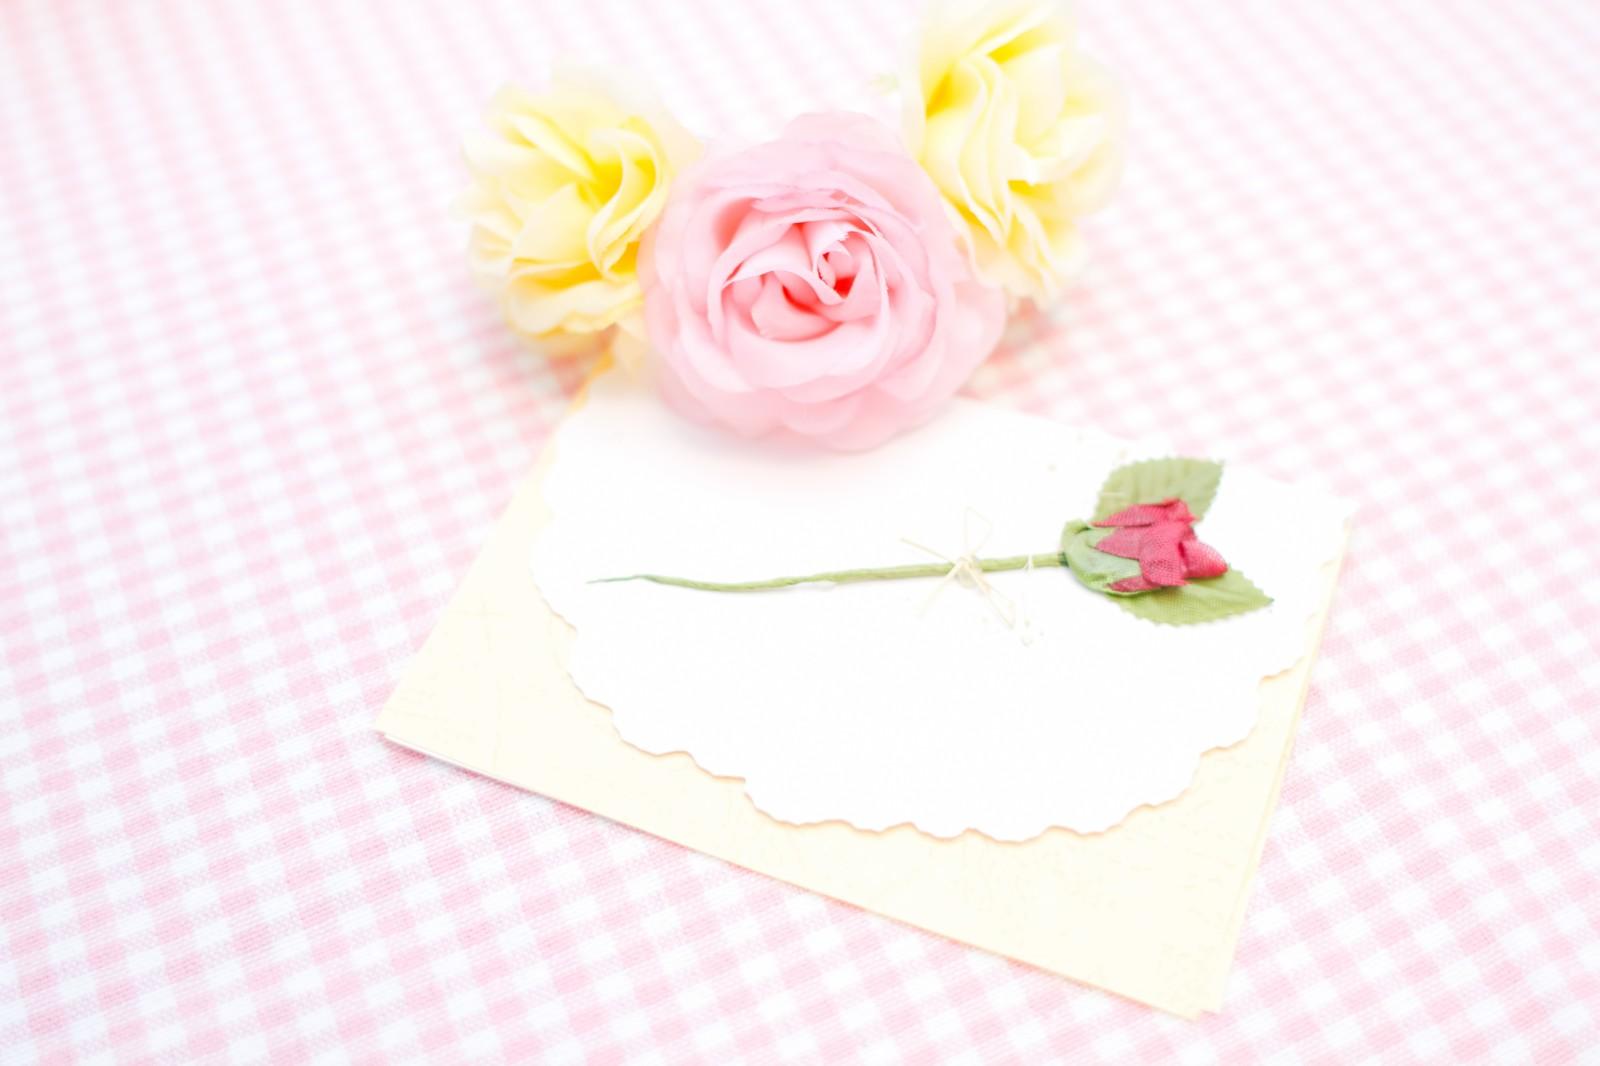 結婚式の招待状の返信でアレルギーはどう書く?書き方や文例あり